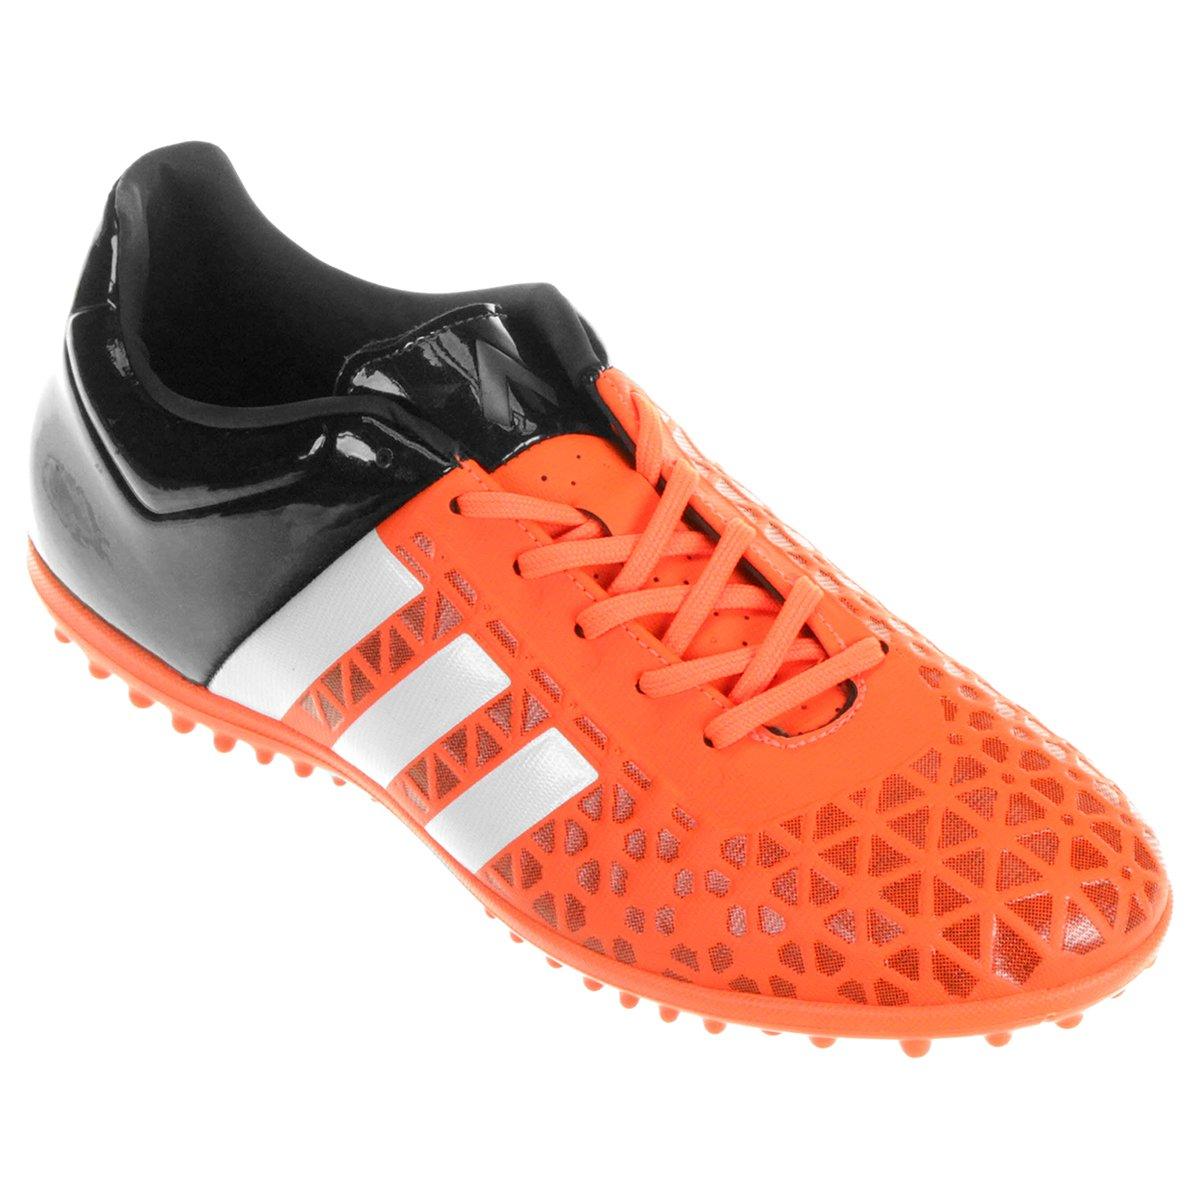 3007adc3cd Chuteira Adidas Ace 15.3 TF Society